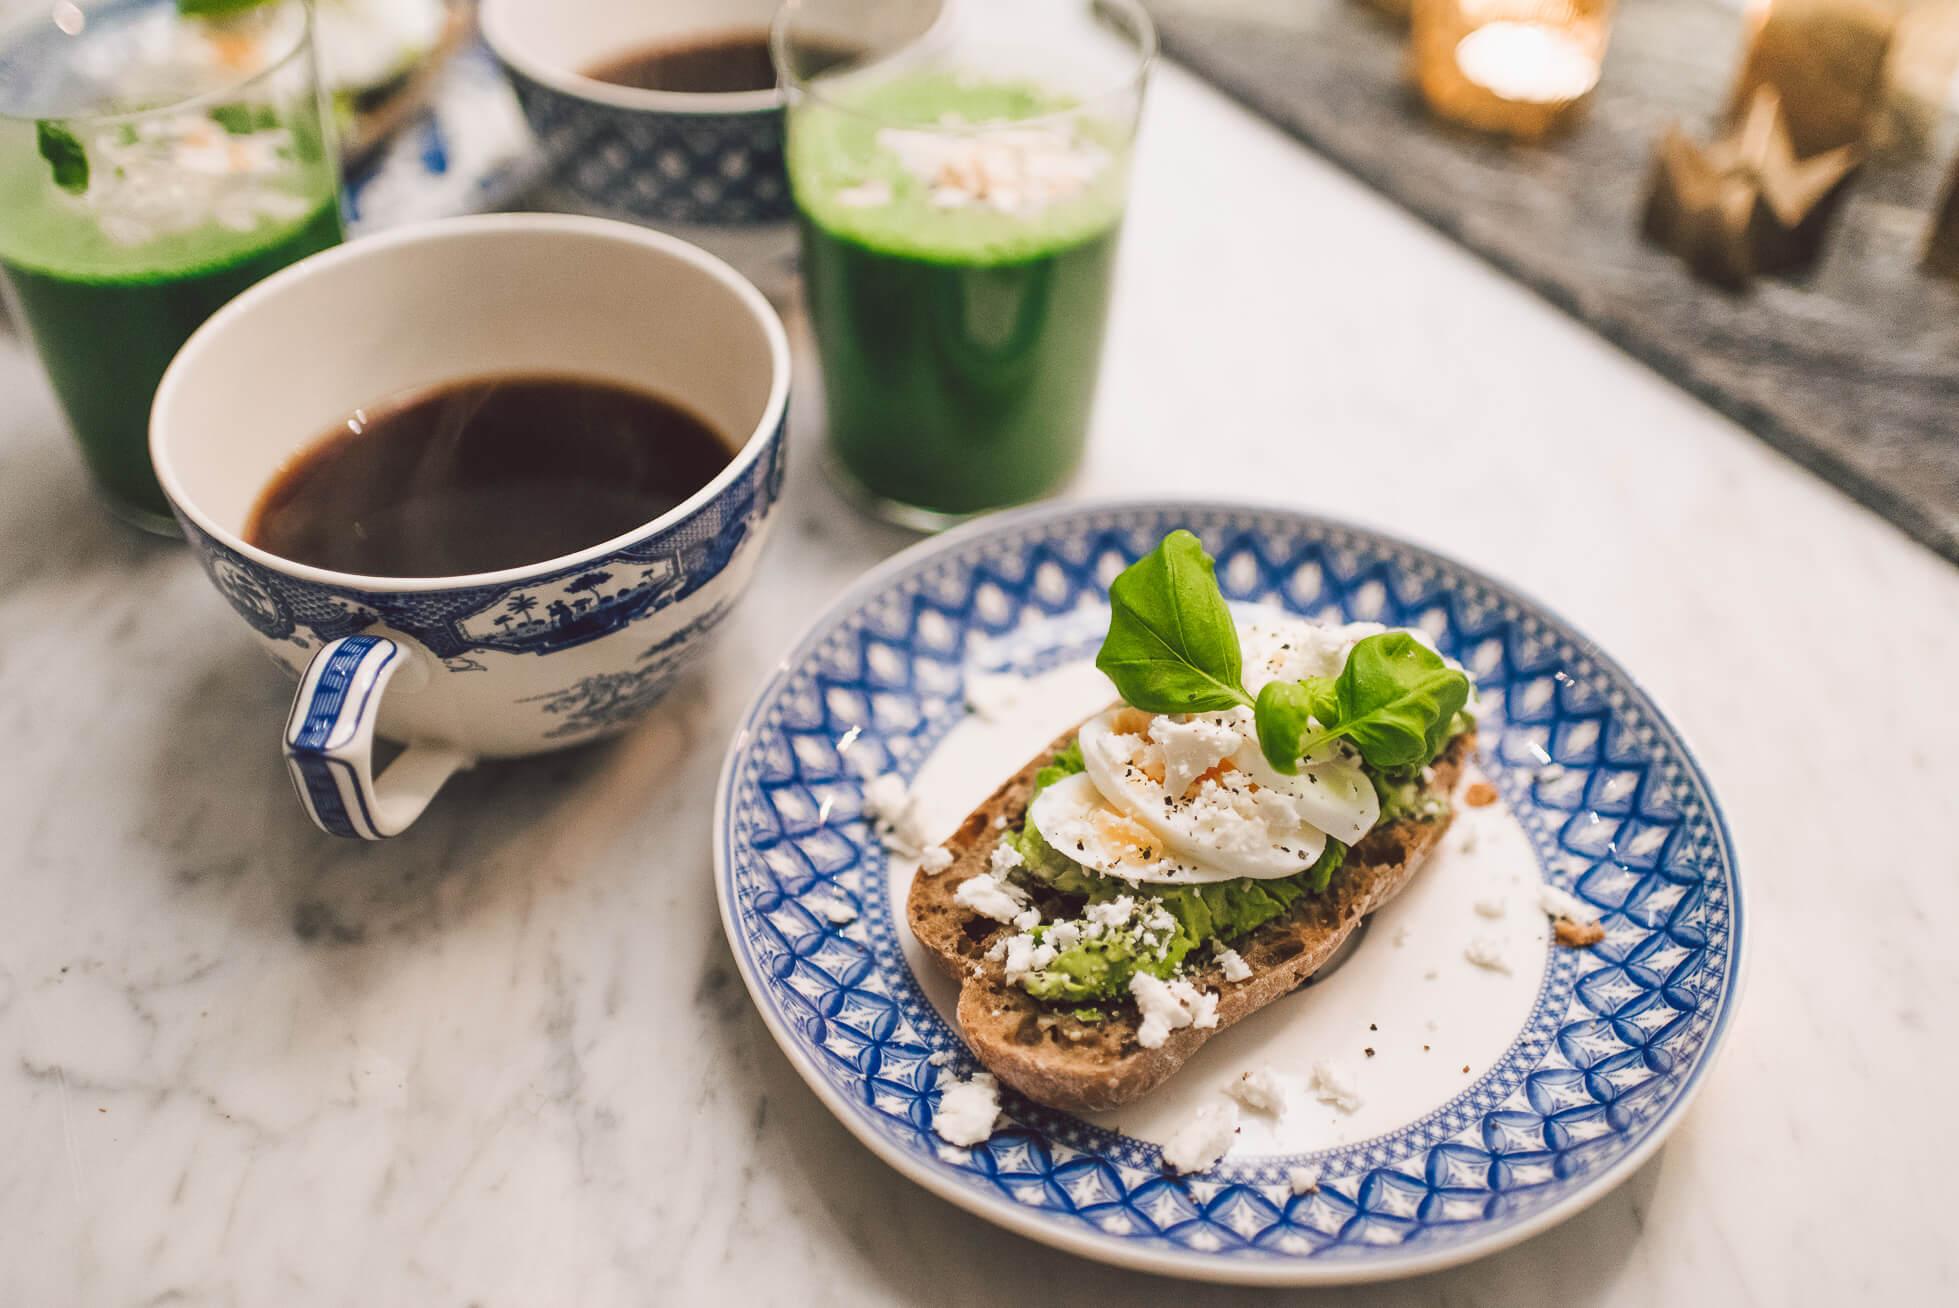 janni-deler-green-breakfastDSC_4367